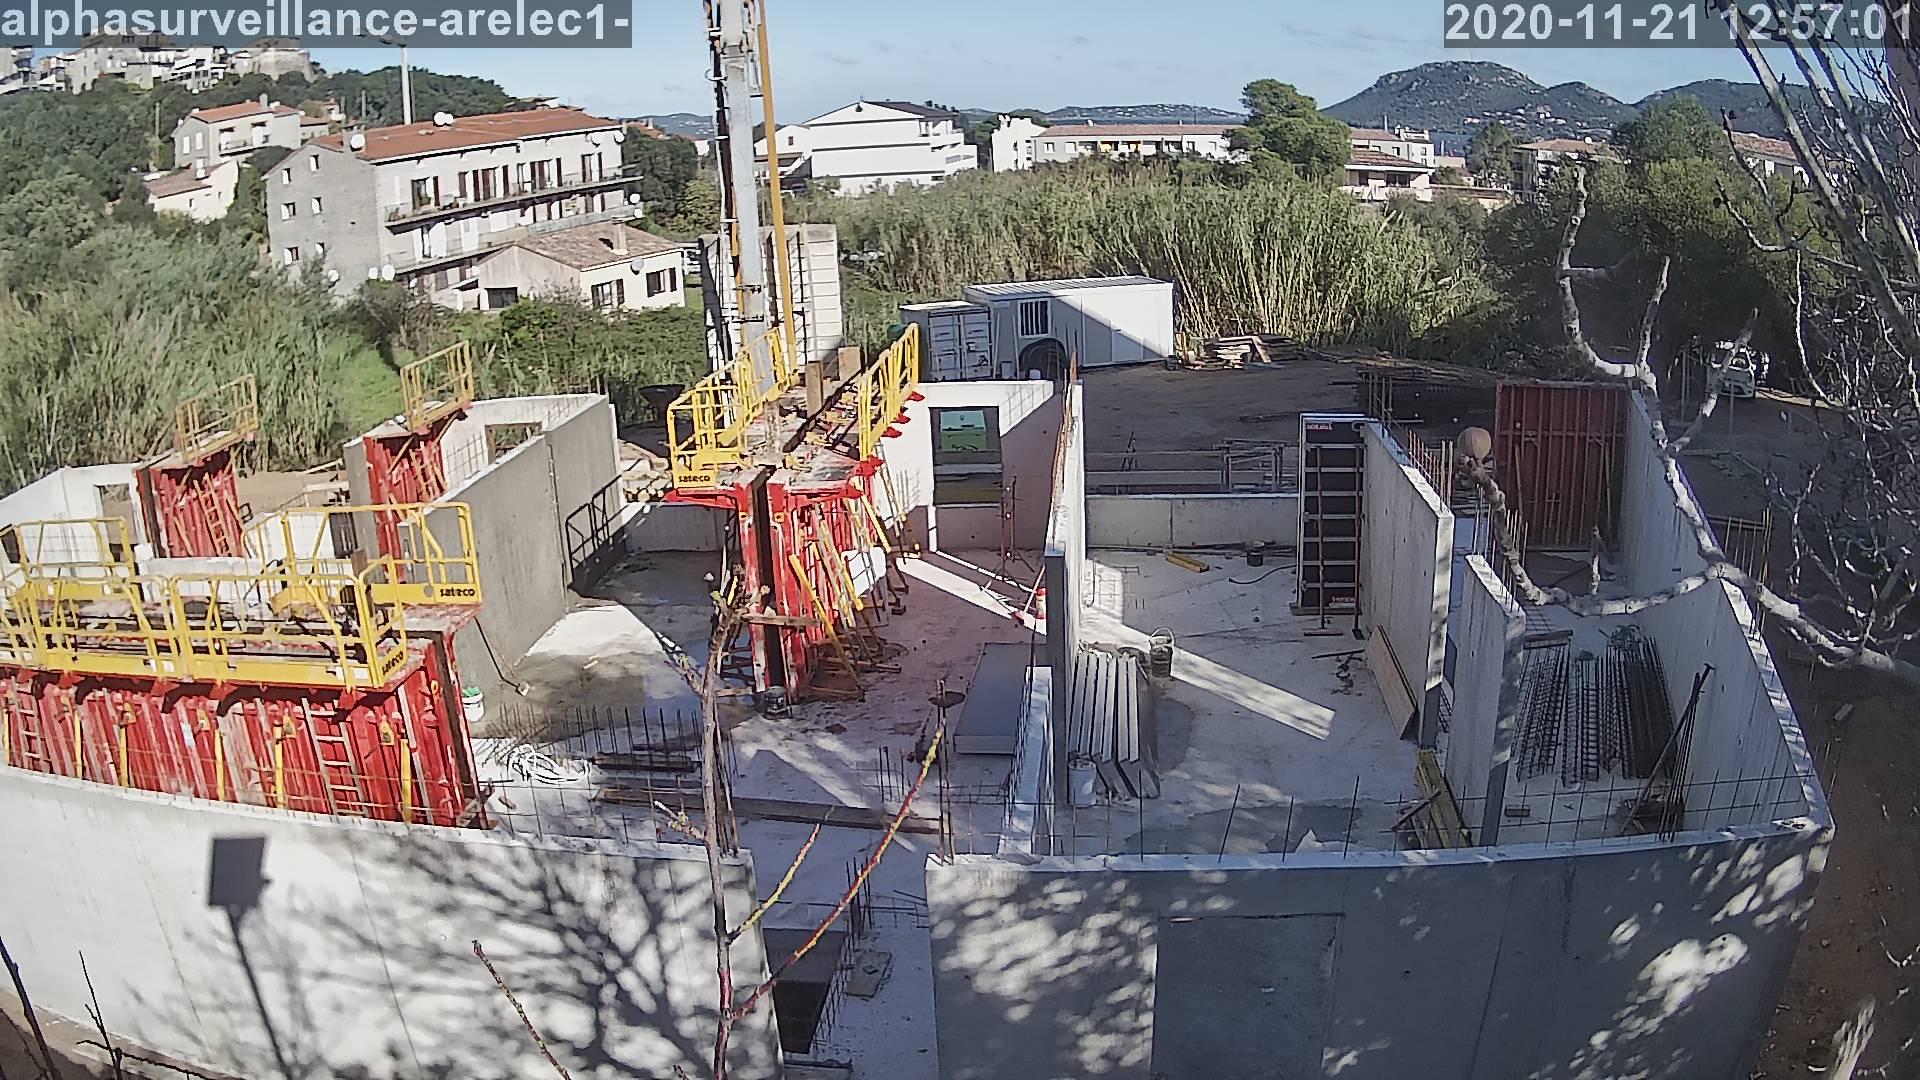 camera time lapse de suivi de chantier de construction